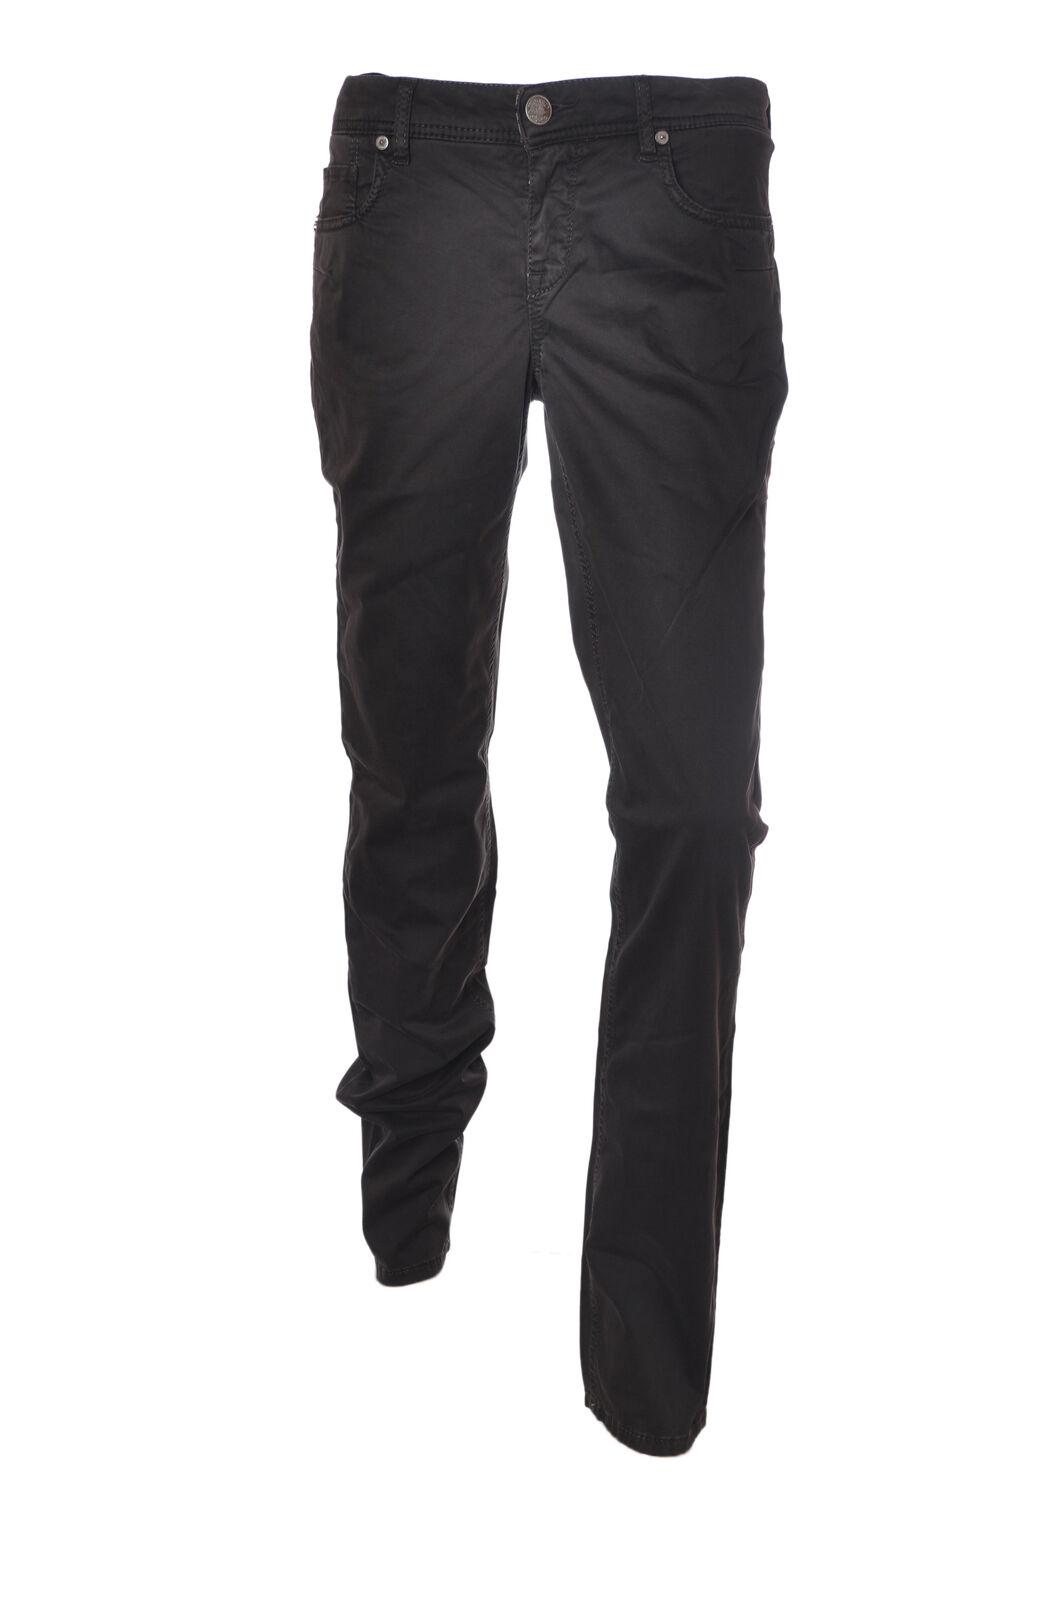 Latinò - Pants-Pants - Woman - Brown - 4558730E191437